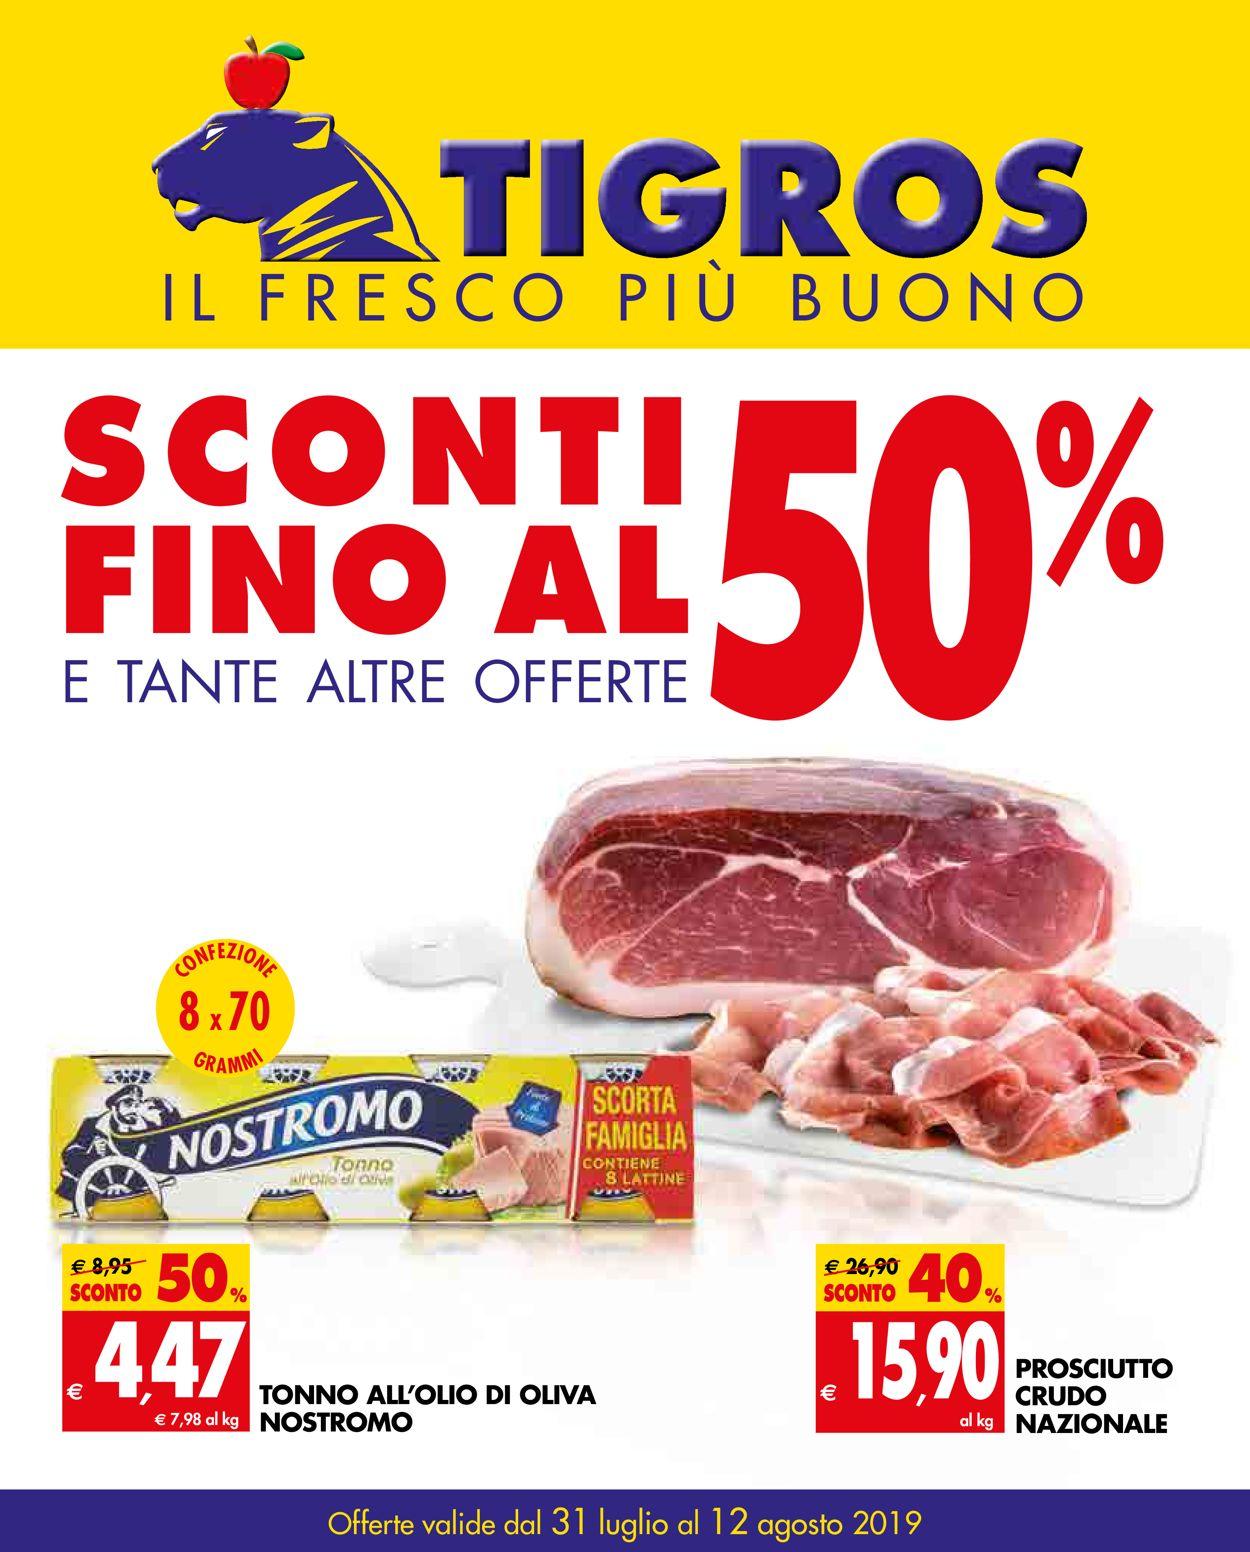 Volantino Tigros - Offerte 31/07-12/08/2019